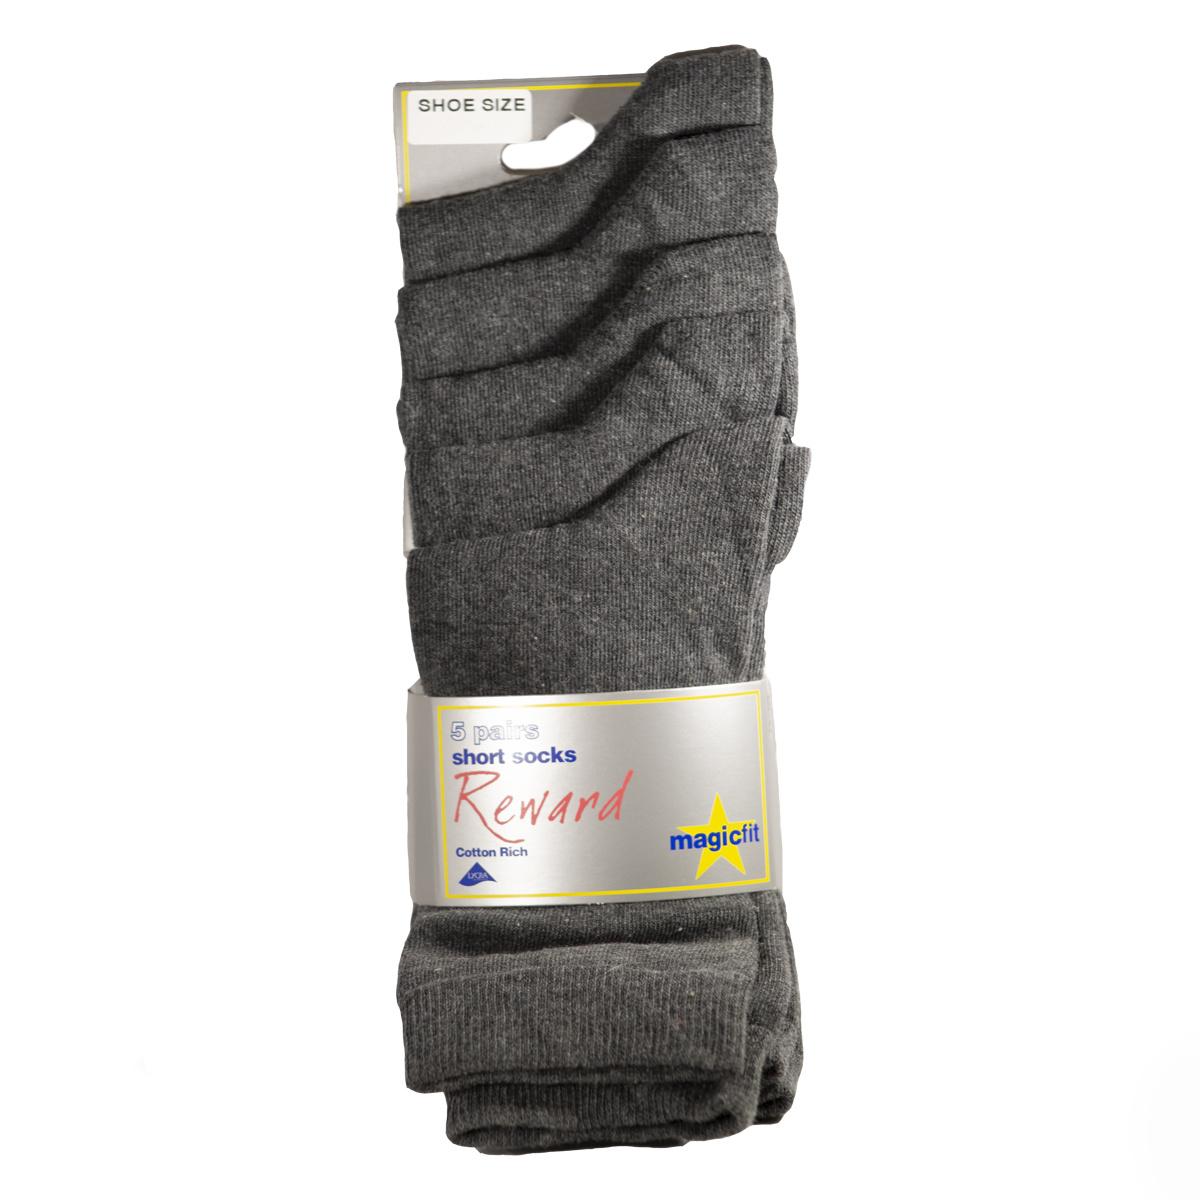 Magicfit Adult Short Socks Size 7-11